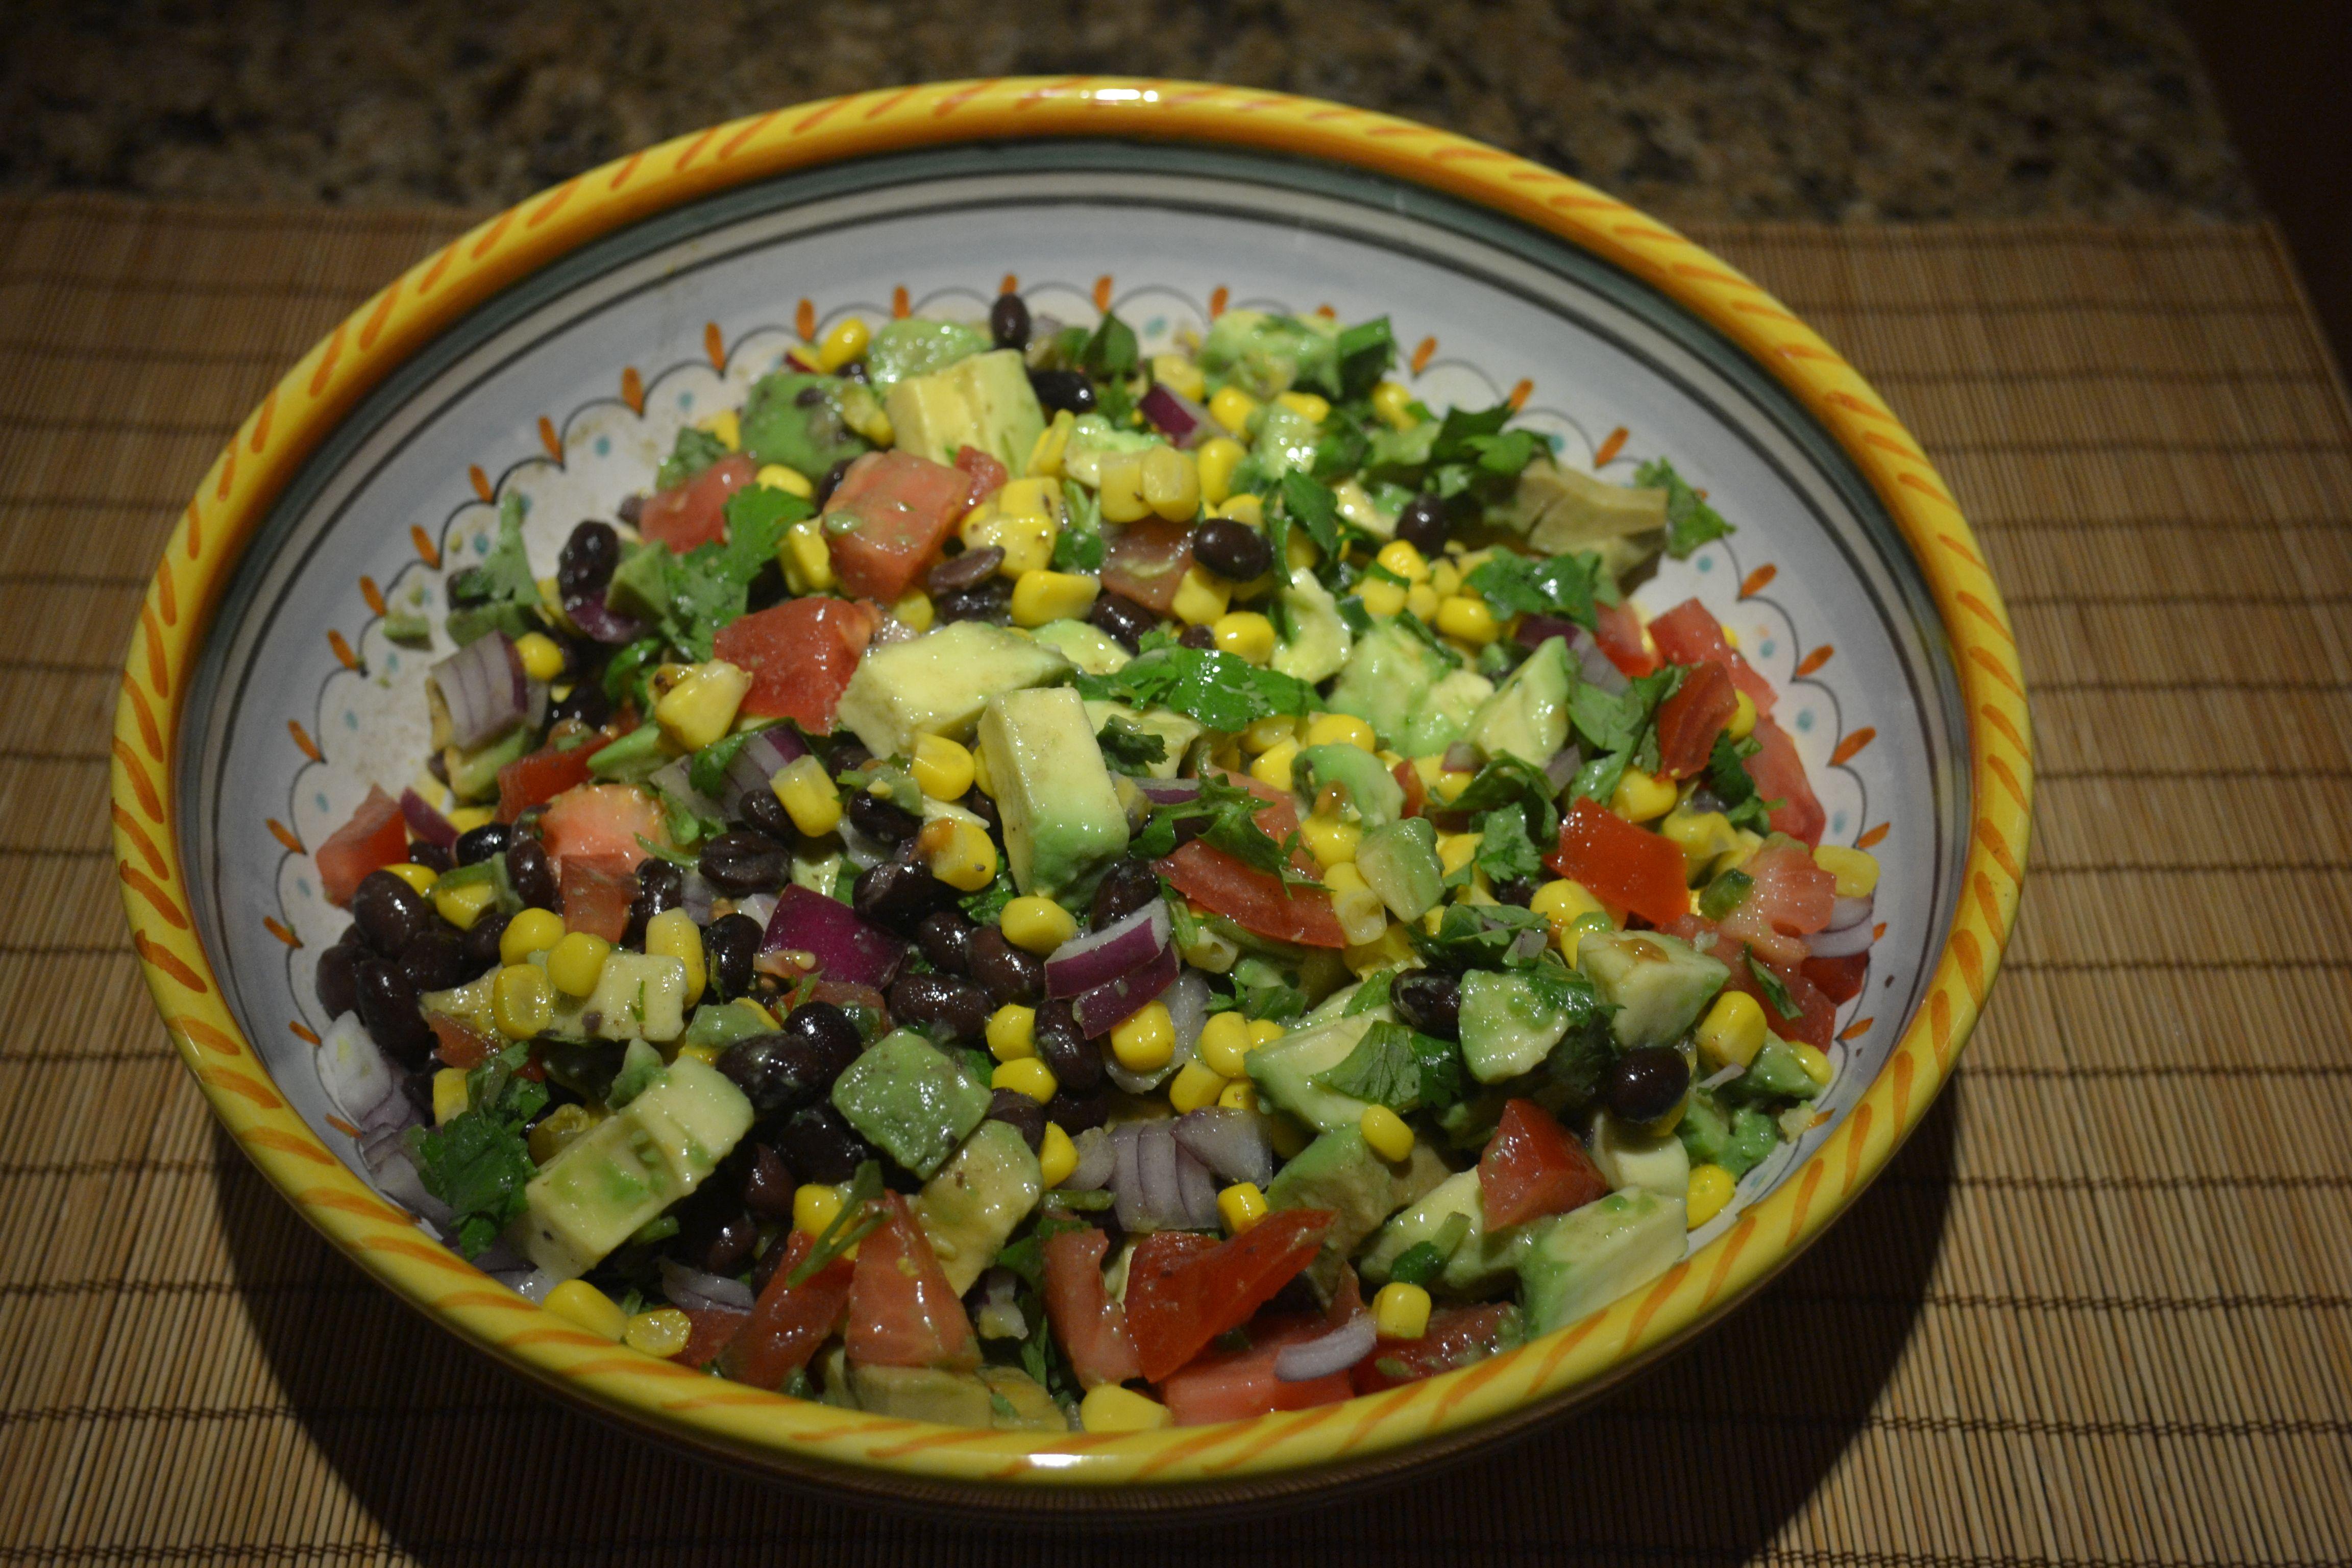 caviar cowboy caviar chopped salad texas caviar with avocado recipe ...